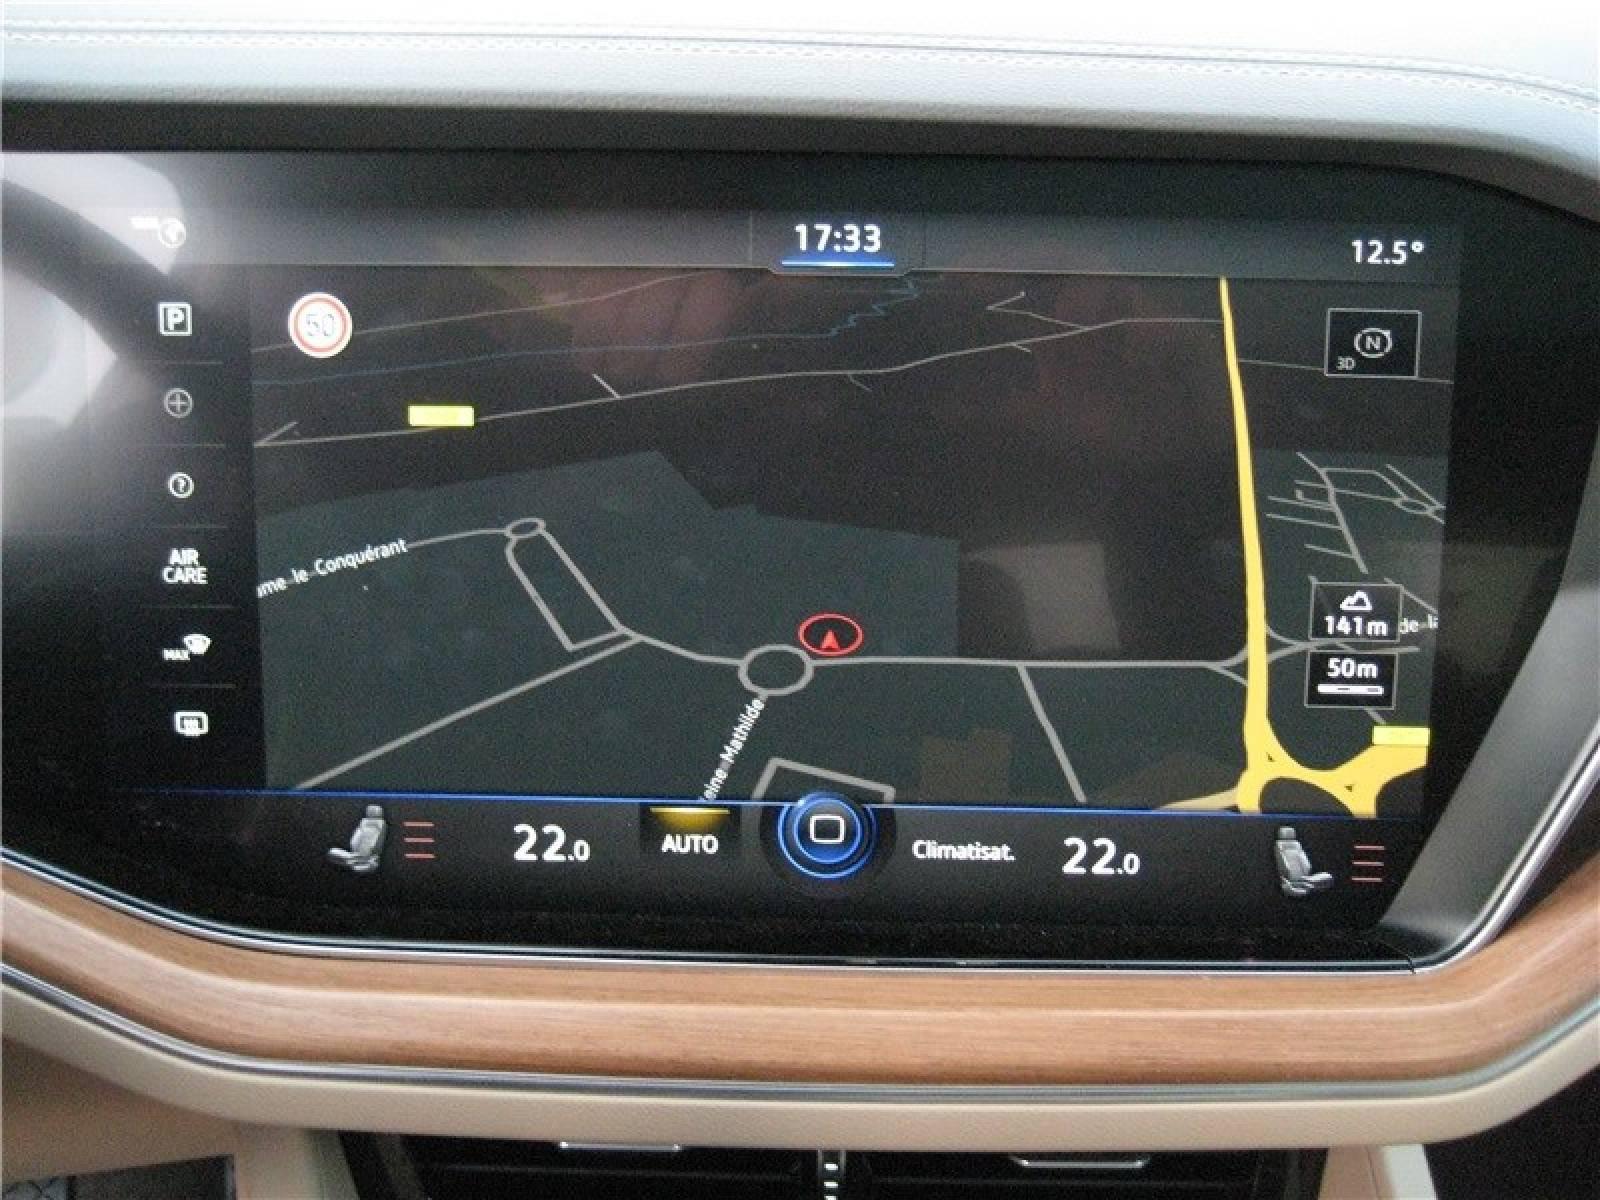 VOLKSWAGEN Touareg 3.0 TDI 286ch Tiptronic 8 4Motion - véhicule d'occasion - LEMAUVIEL AUTOMOBILES - Présentation site web V2 - Lemauviel automobiles - AVRANCHES - 50300 - LE VAL-SAINT-PÈRE - 9